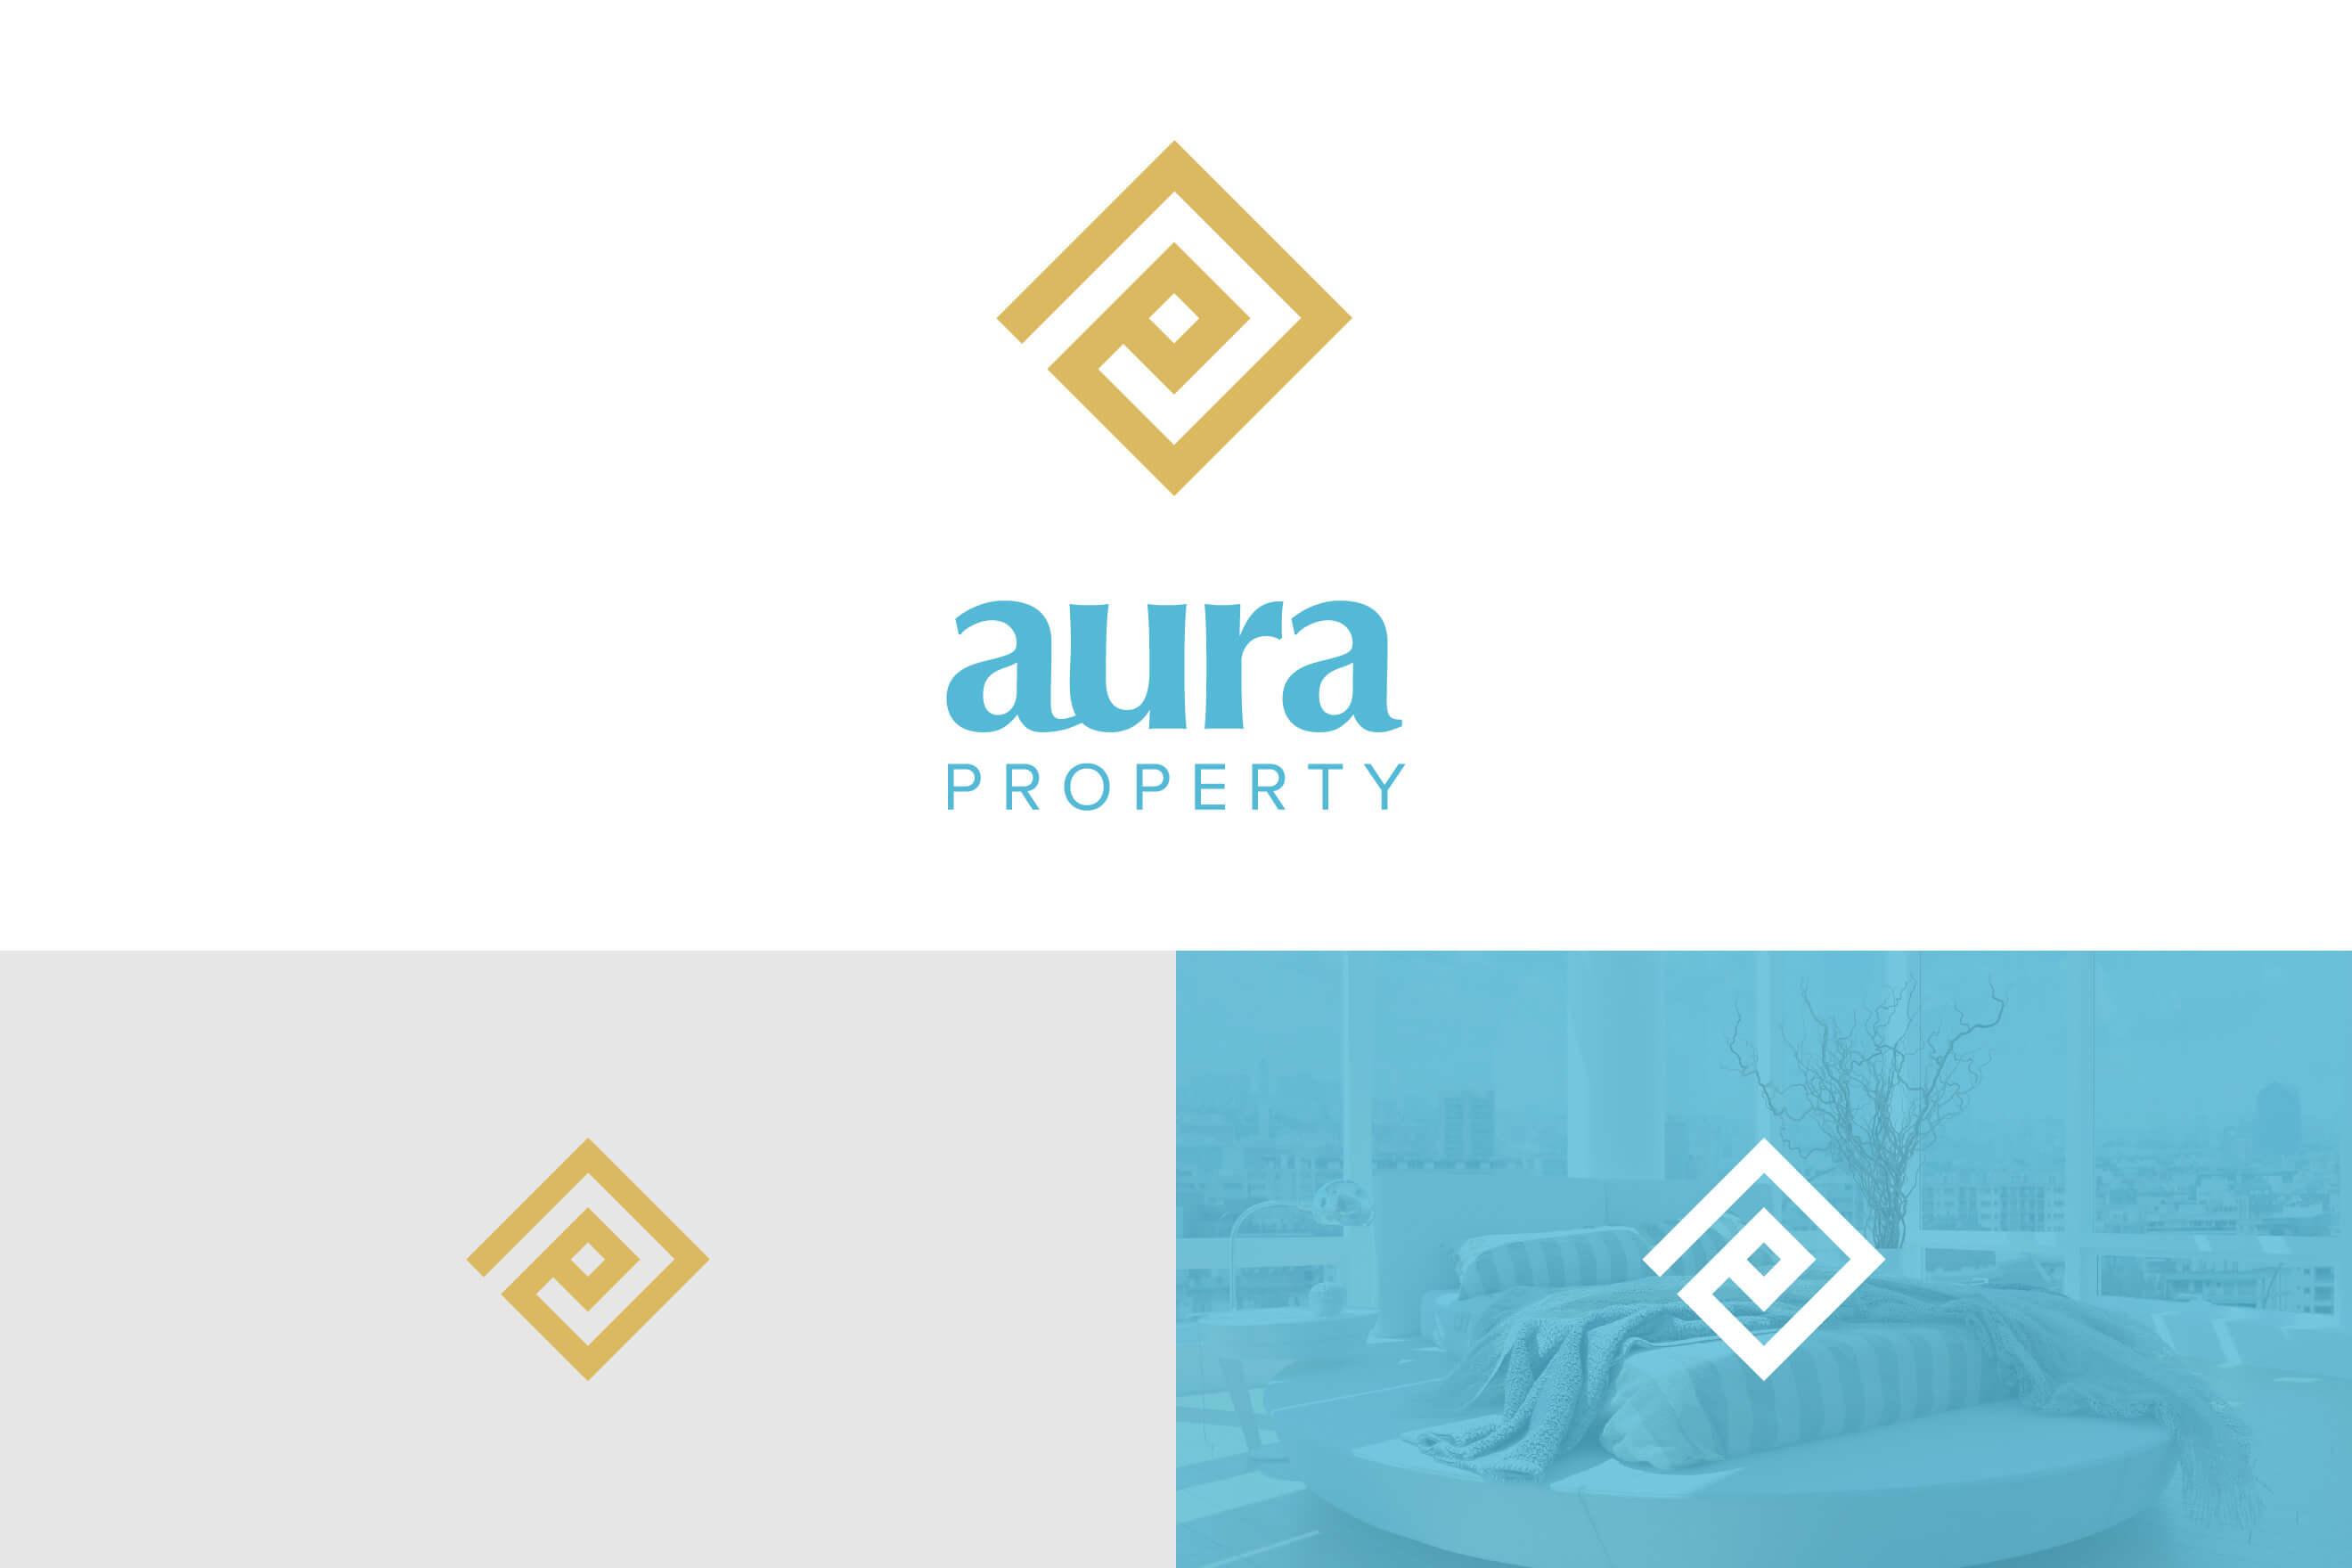 logo design for Aura Property